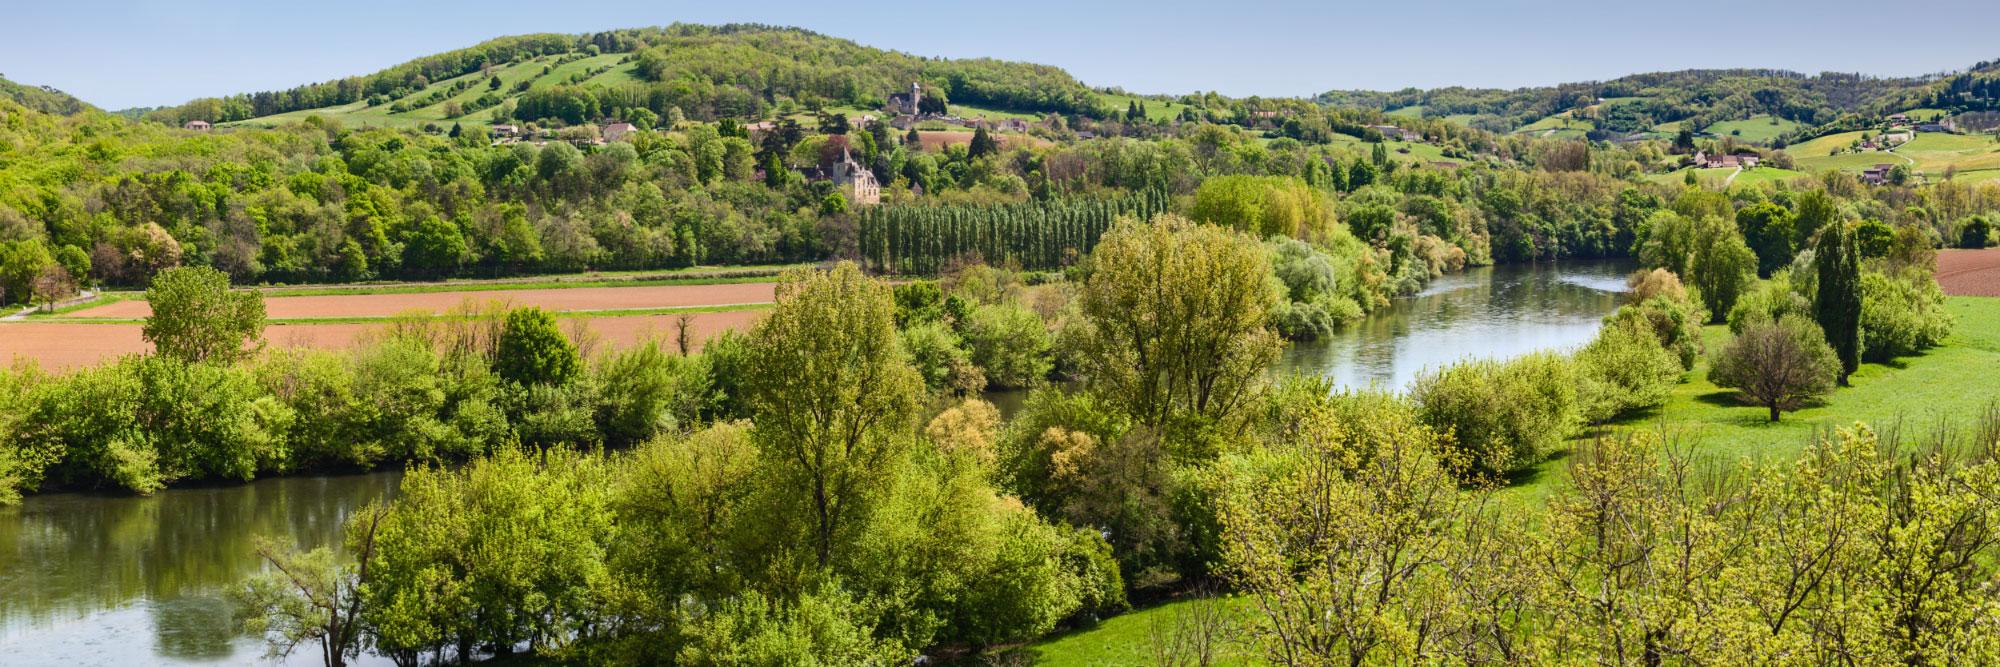 11-14844-france-dordogne-la-dordogne-le-chateau-de-betou-l-eglise-et-le-village-de-marnac-le-chateau-de-mirabel-depuis-mouzens